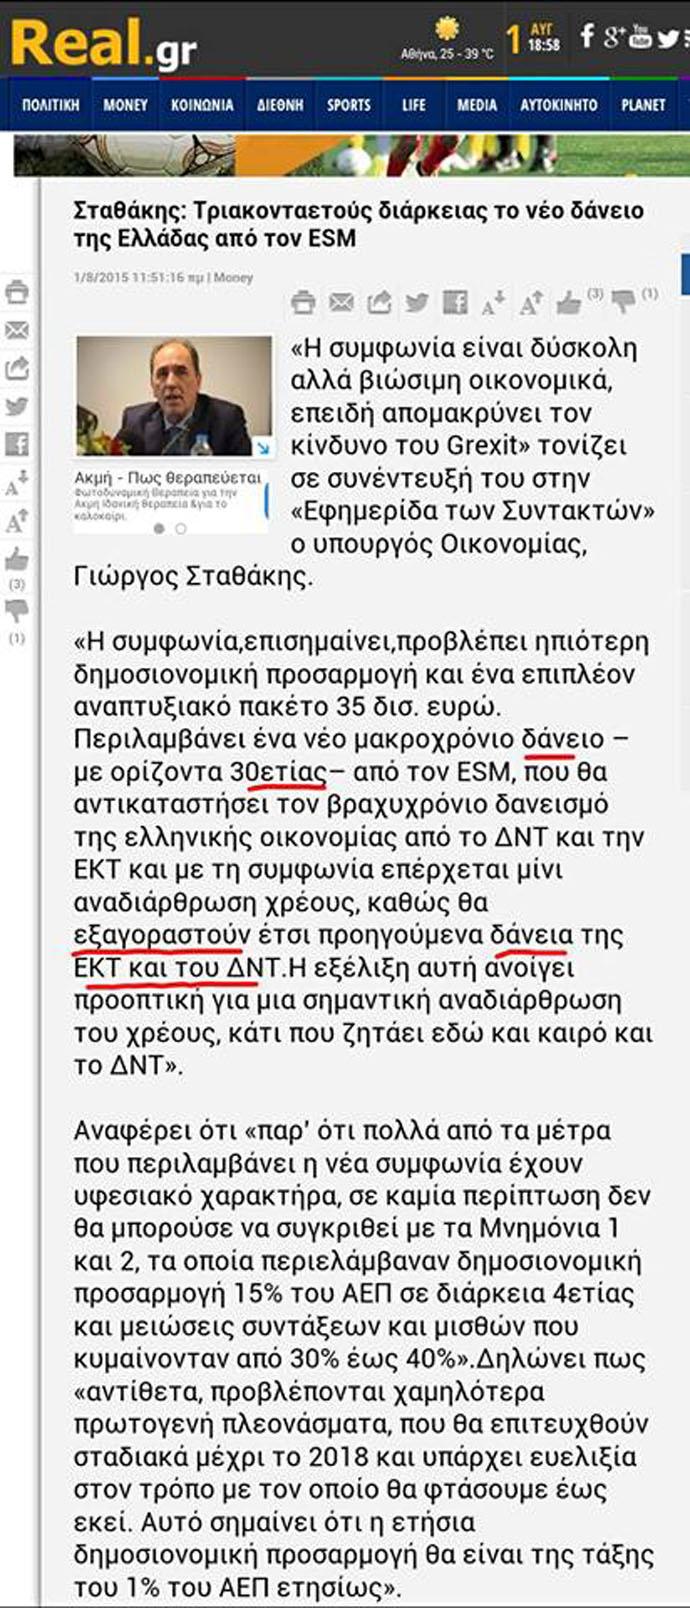 Πρὼτα ἐξοφλεῖται τὸ ΔΝΤ καὶ ἡ ΕΚΤ!!!1